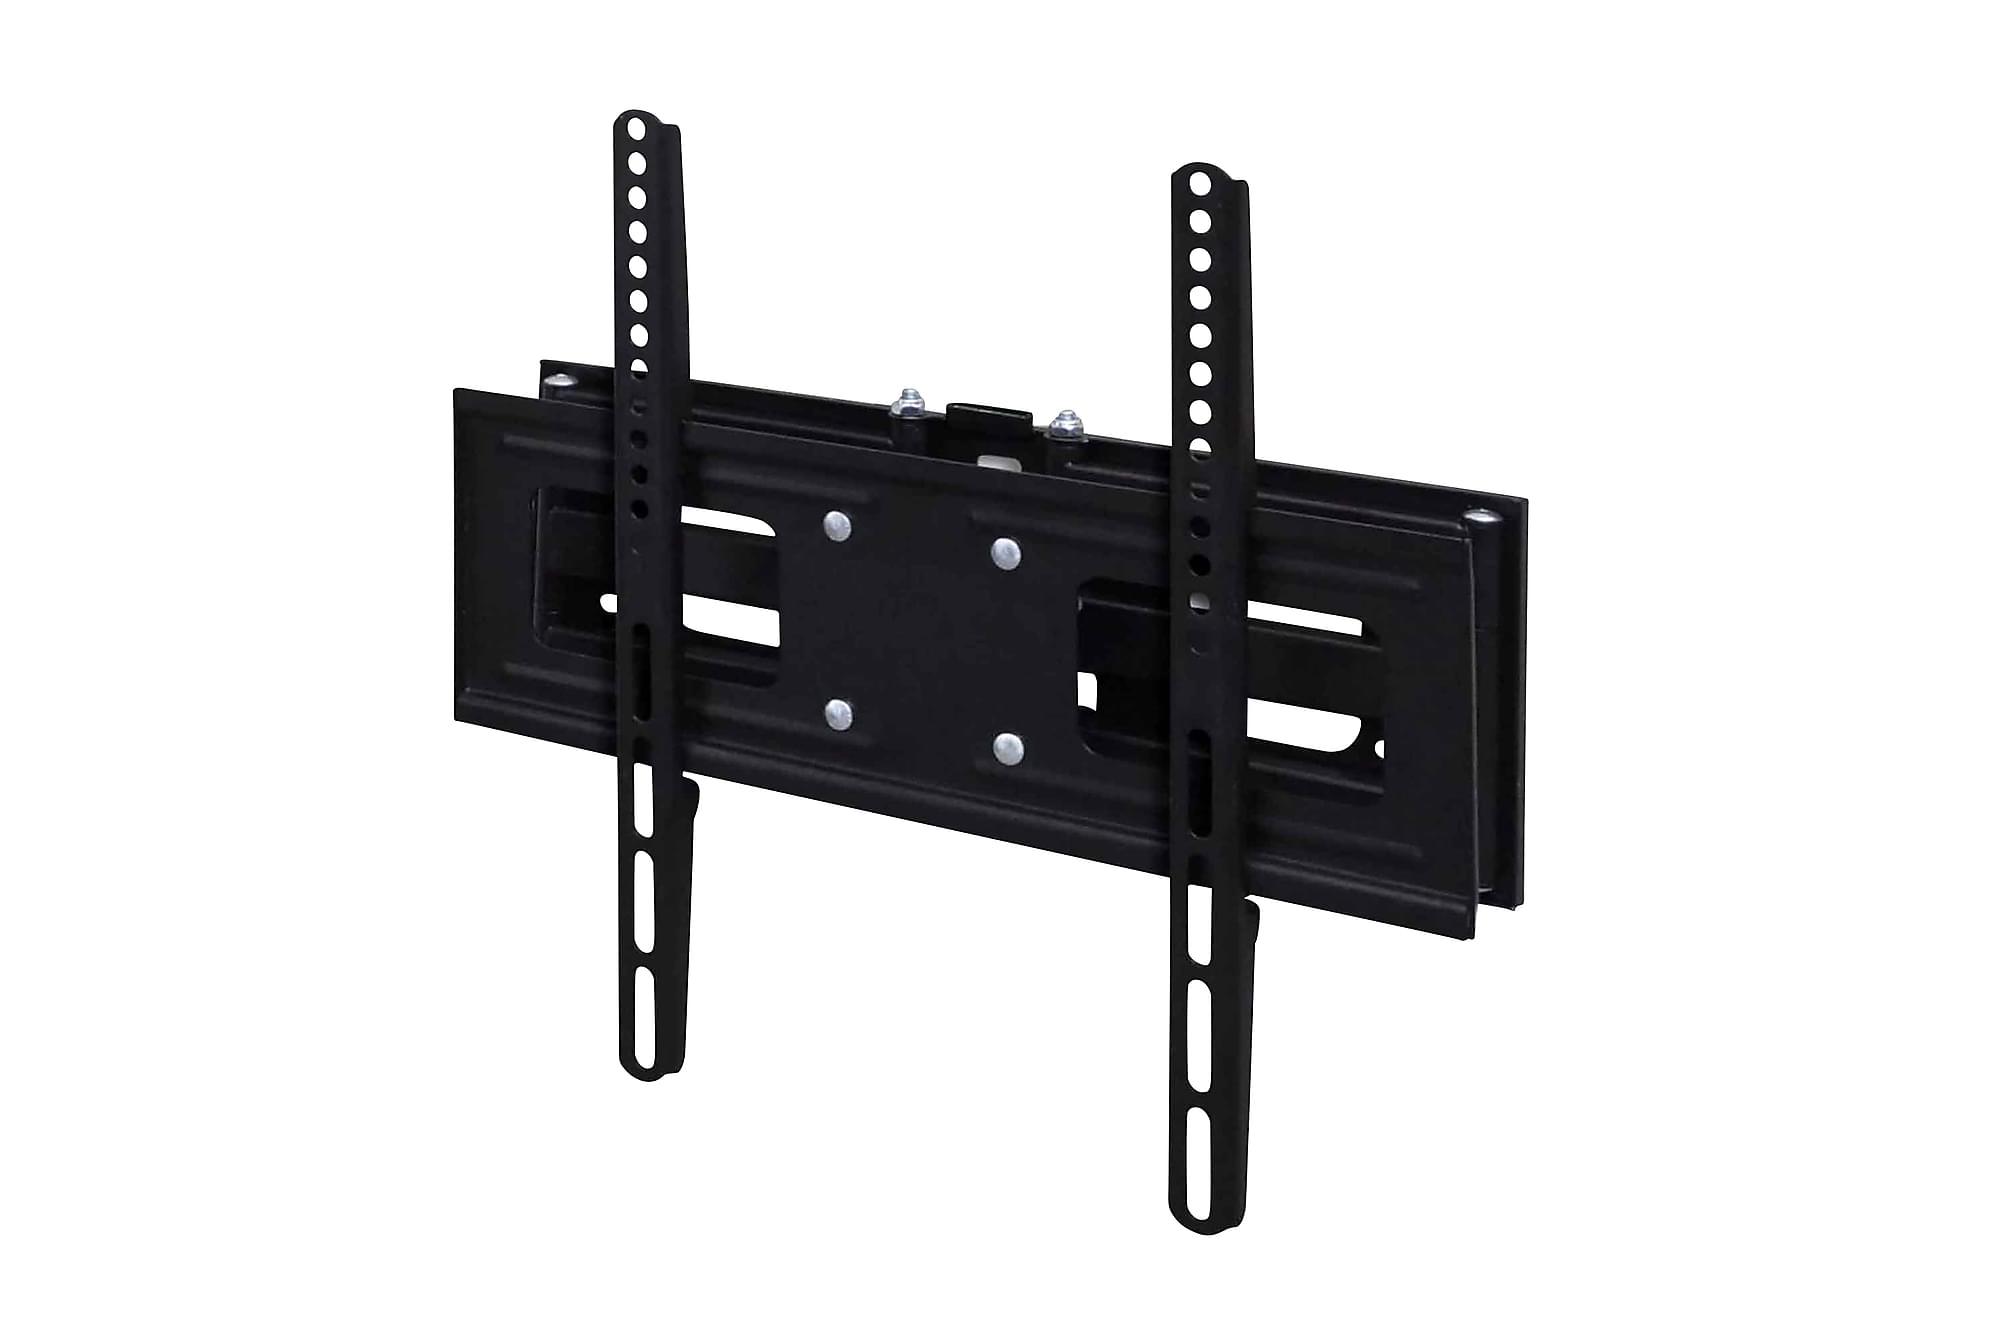 Dubbelarmat vrid/lutbart TV-väggfäste 3D 400x400mm 32 - 55, Tv-väggfästen